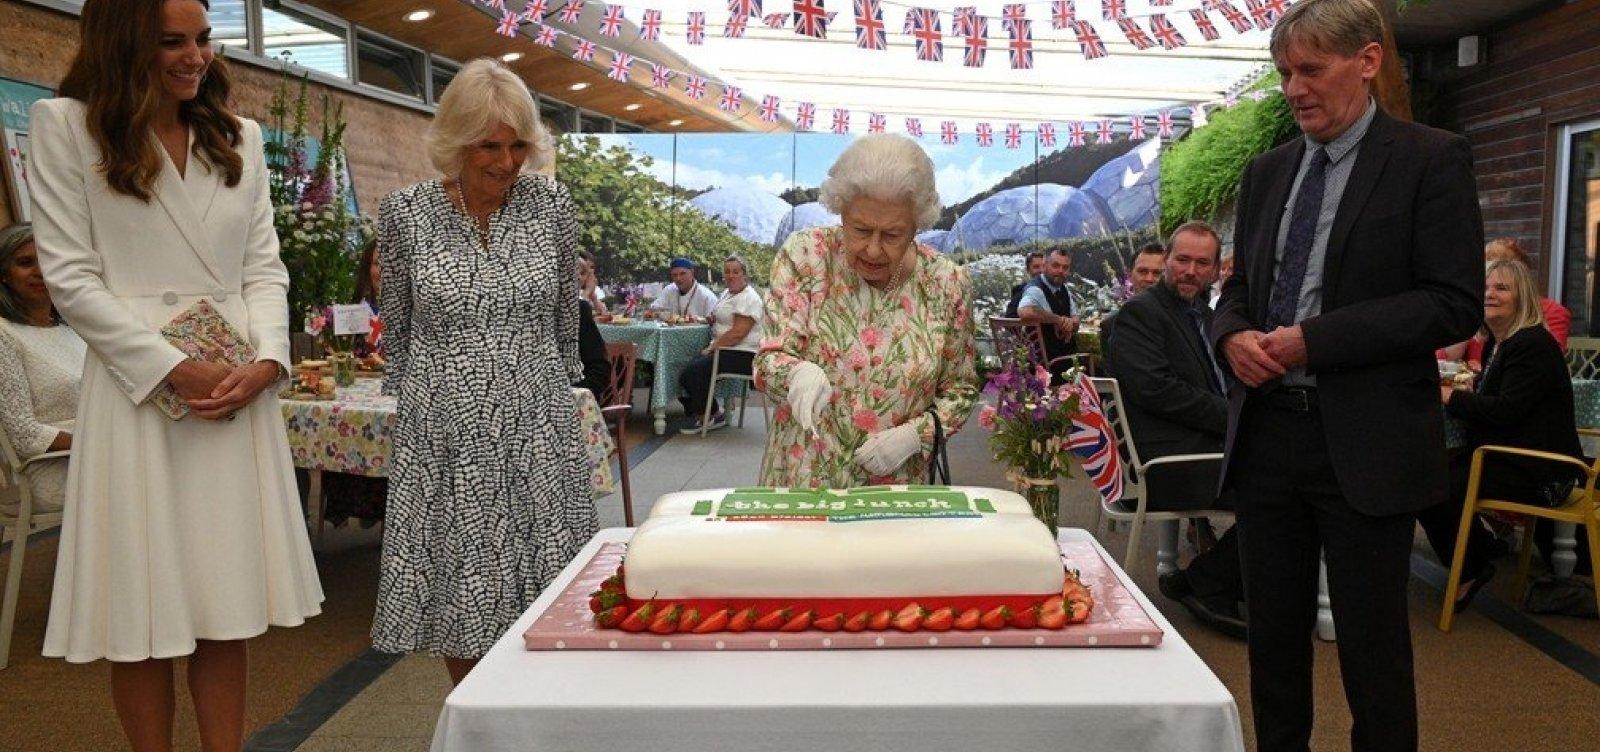 Rainha Elizabeth II usa uma espada para cortar um bolo em evento do G7